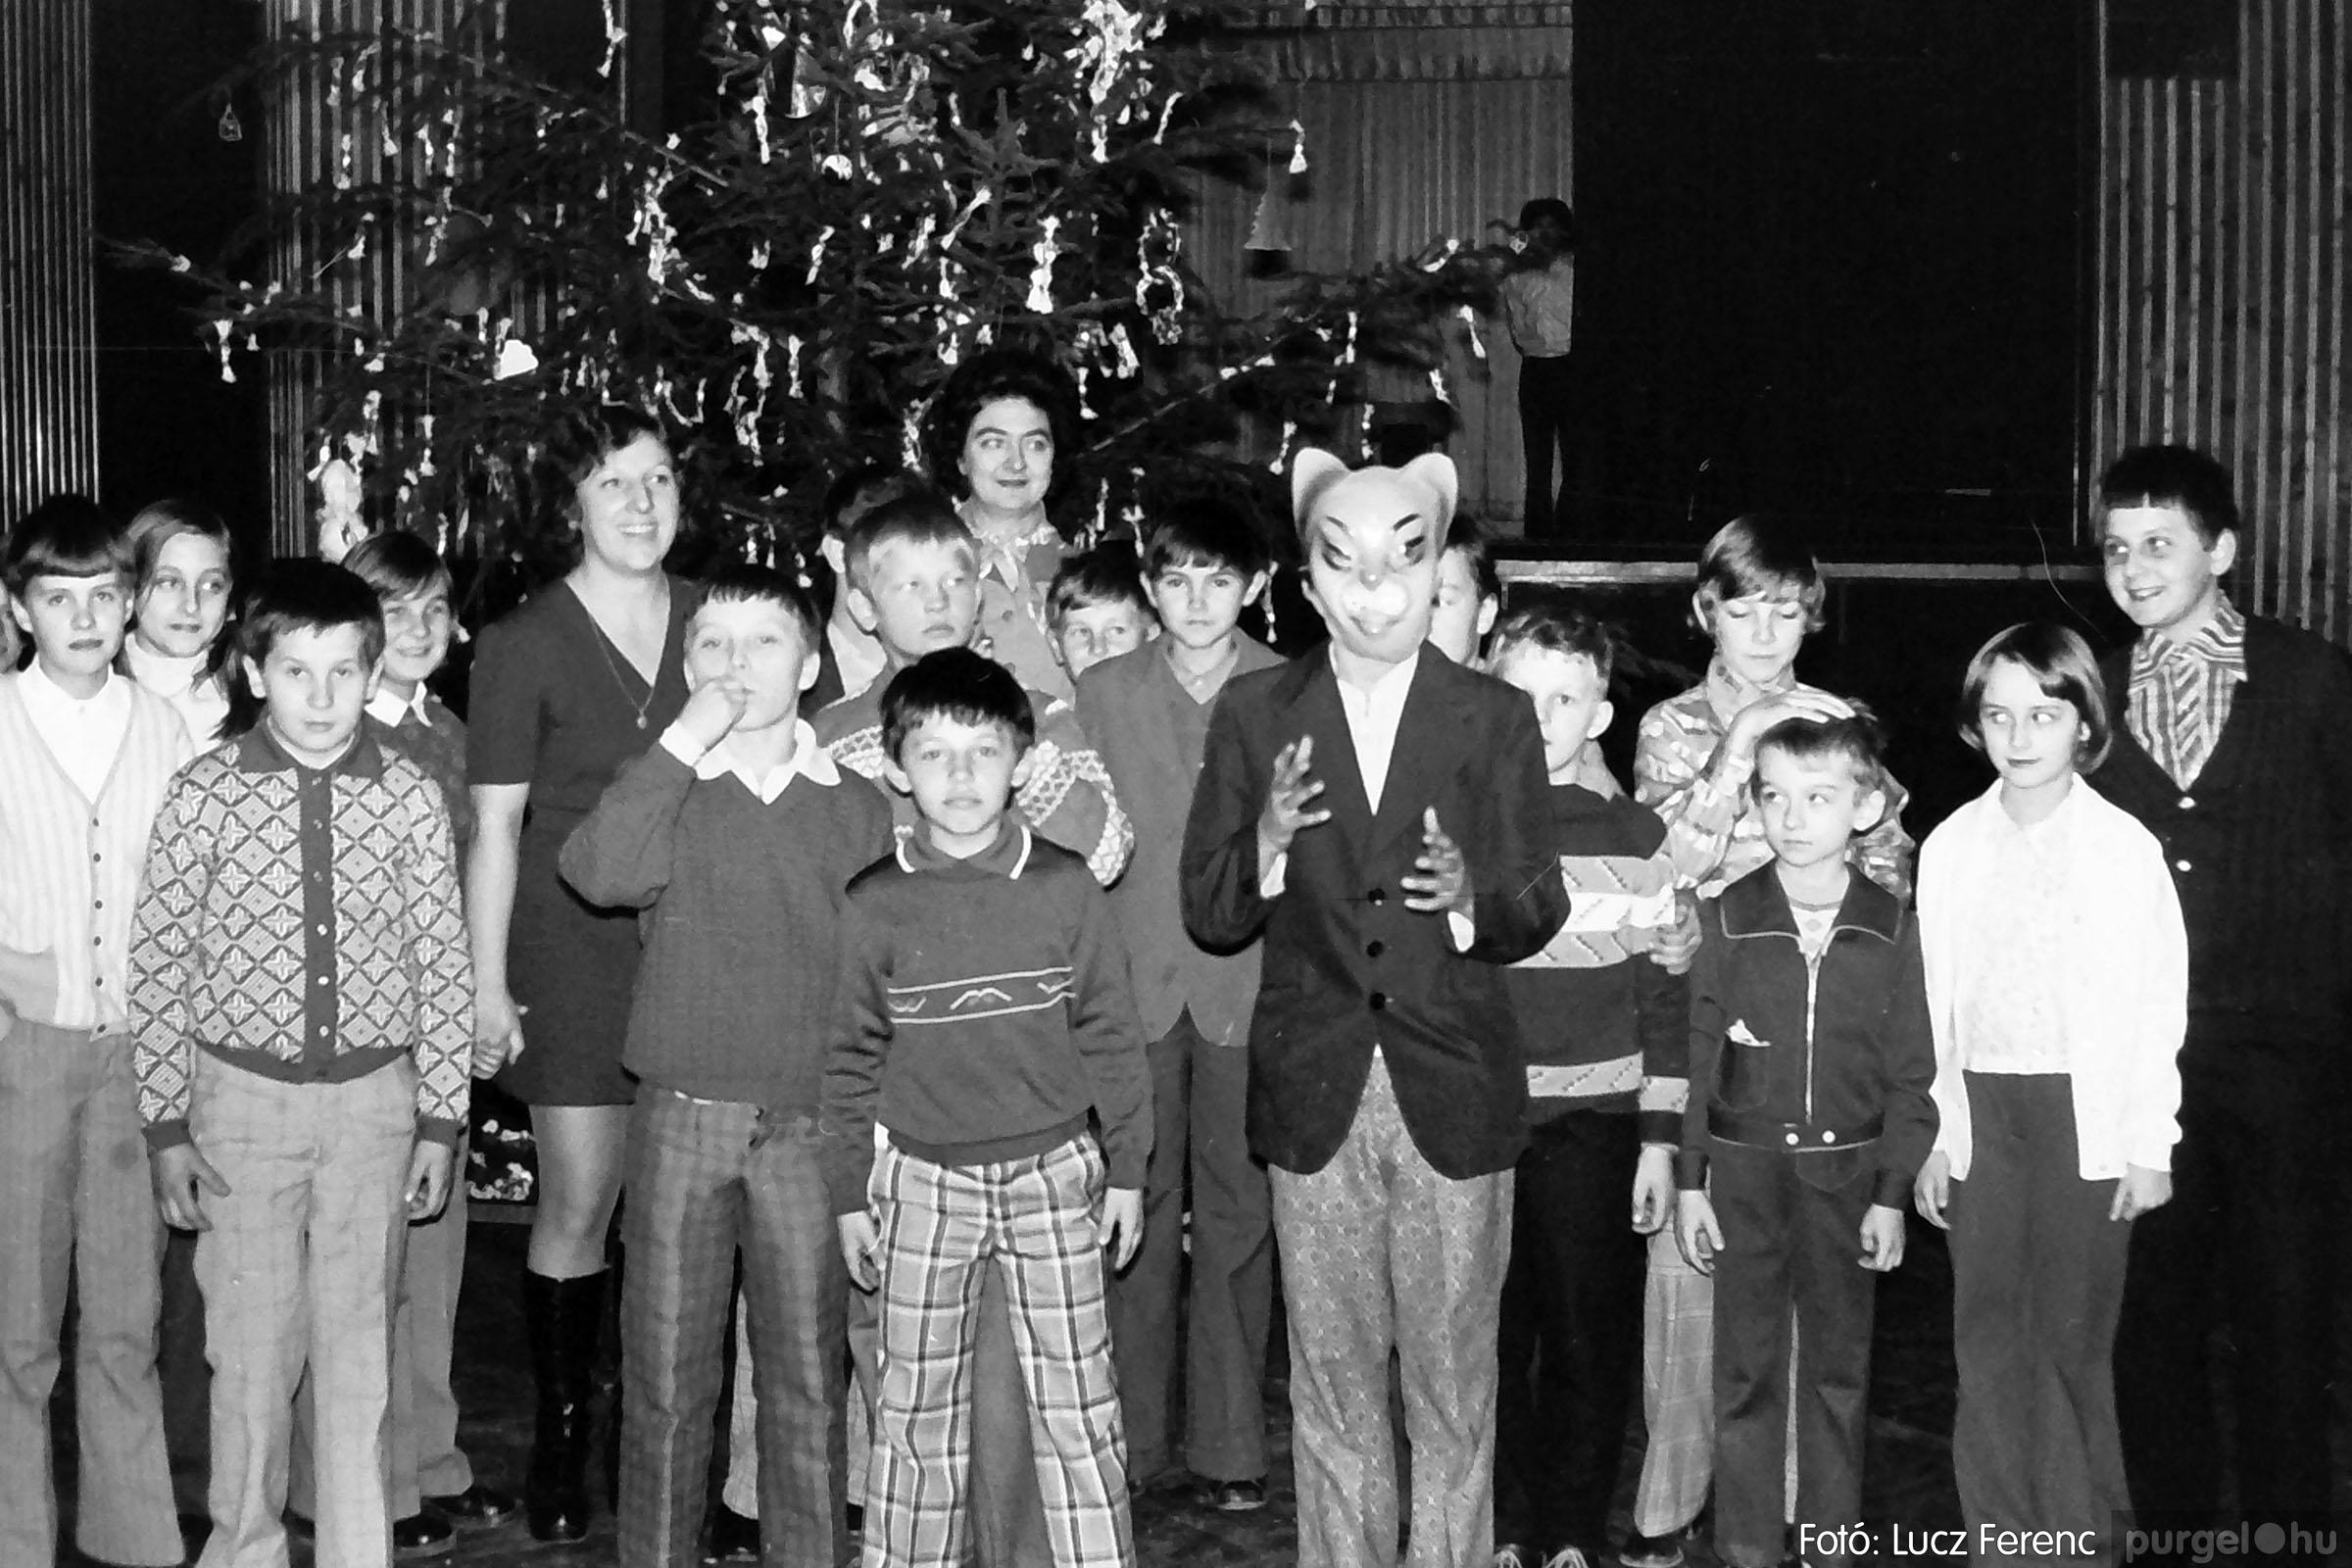 029 1975. Karácsonyi ünnepség a kultúrházban 001 - Fotó: Lucz Ferenc.jpg